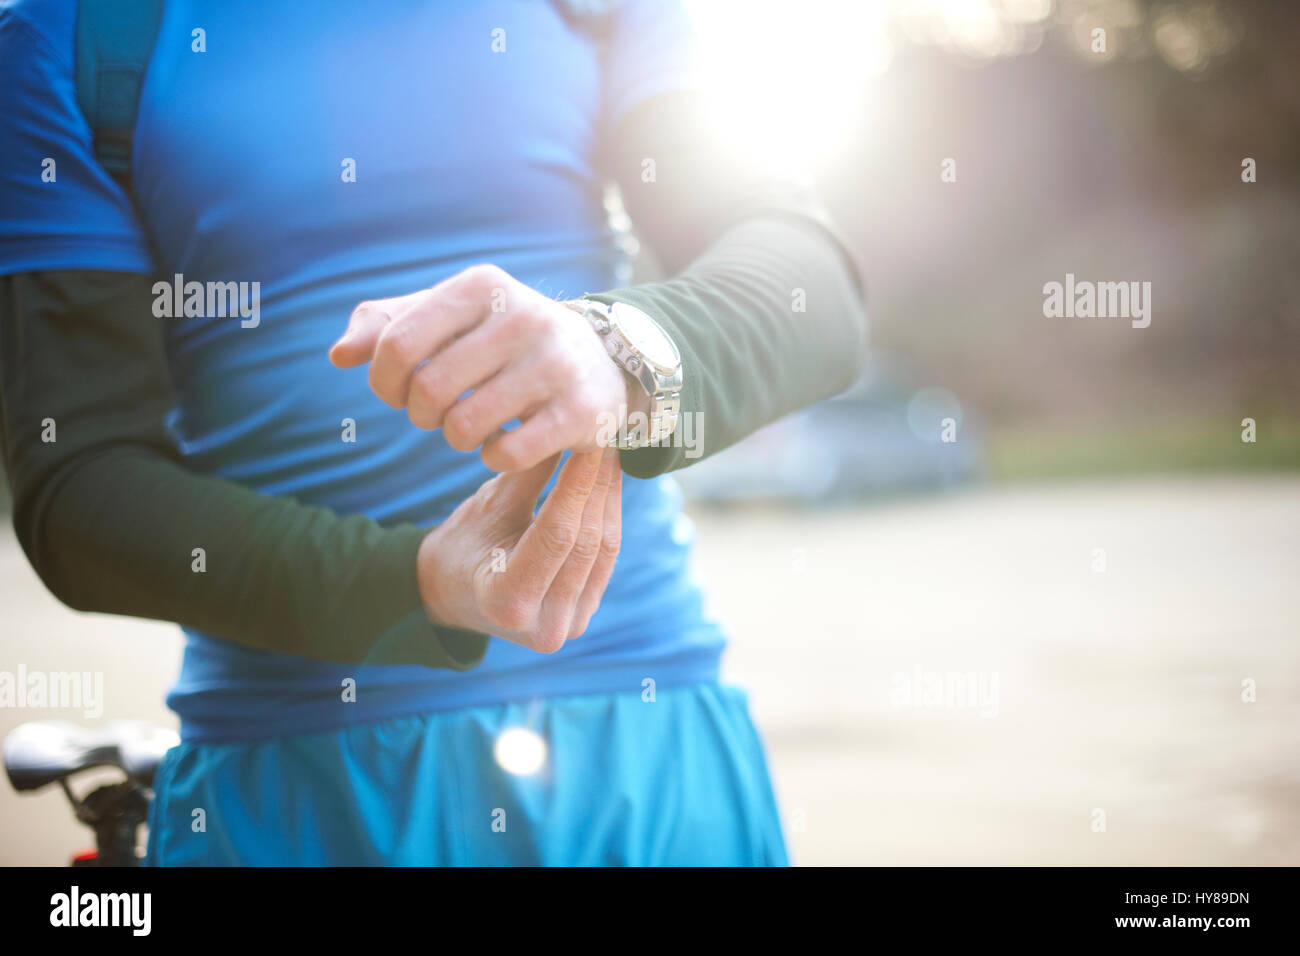 Un hombre fija su reloj antes del ejercicio Imagen De Stock